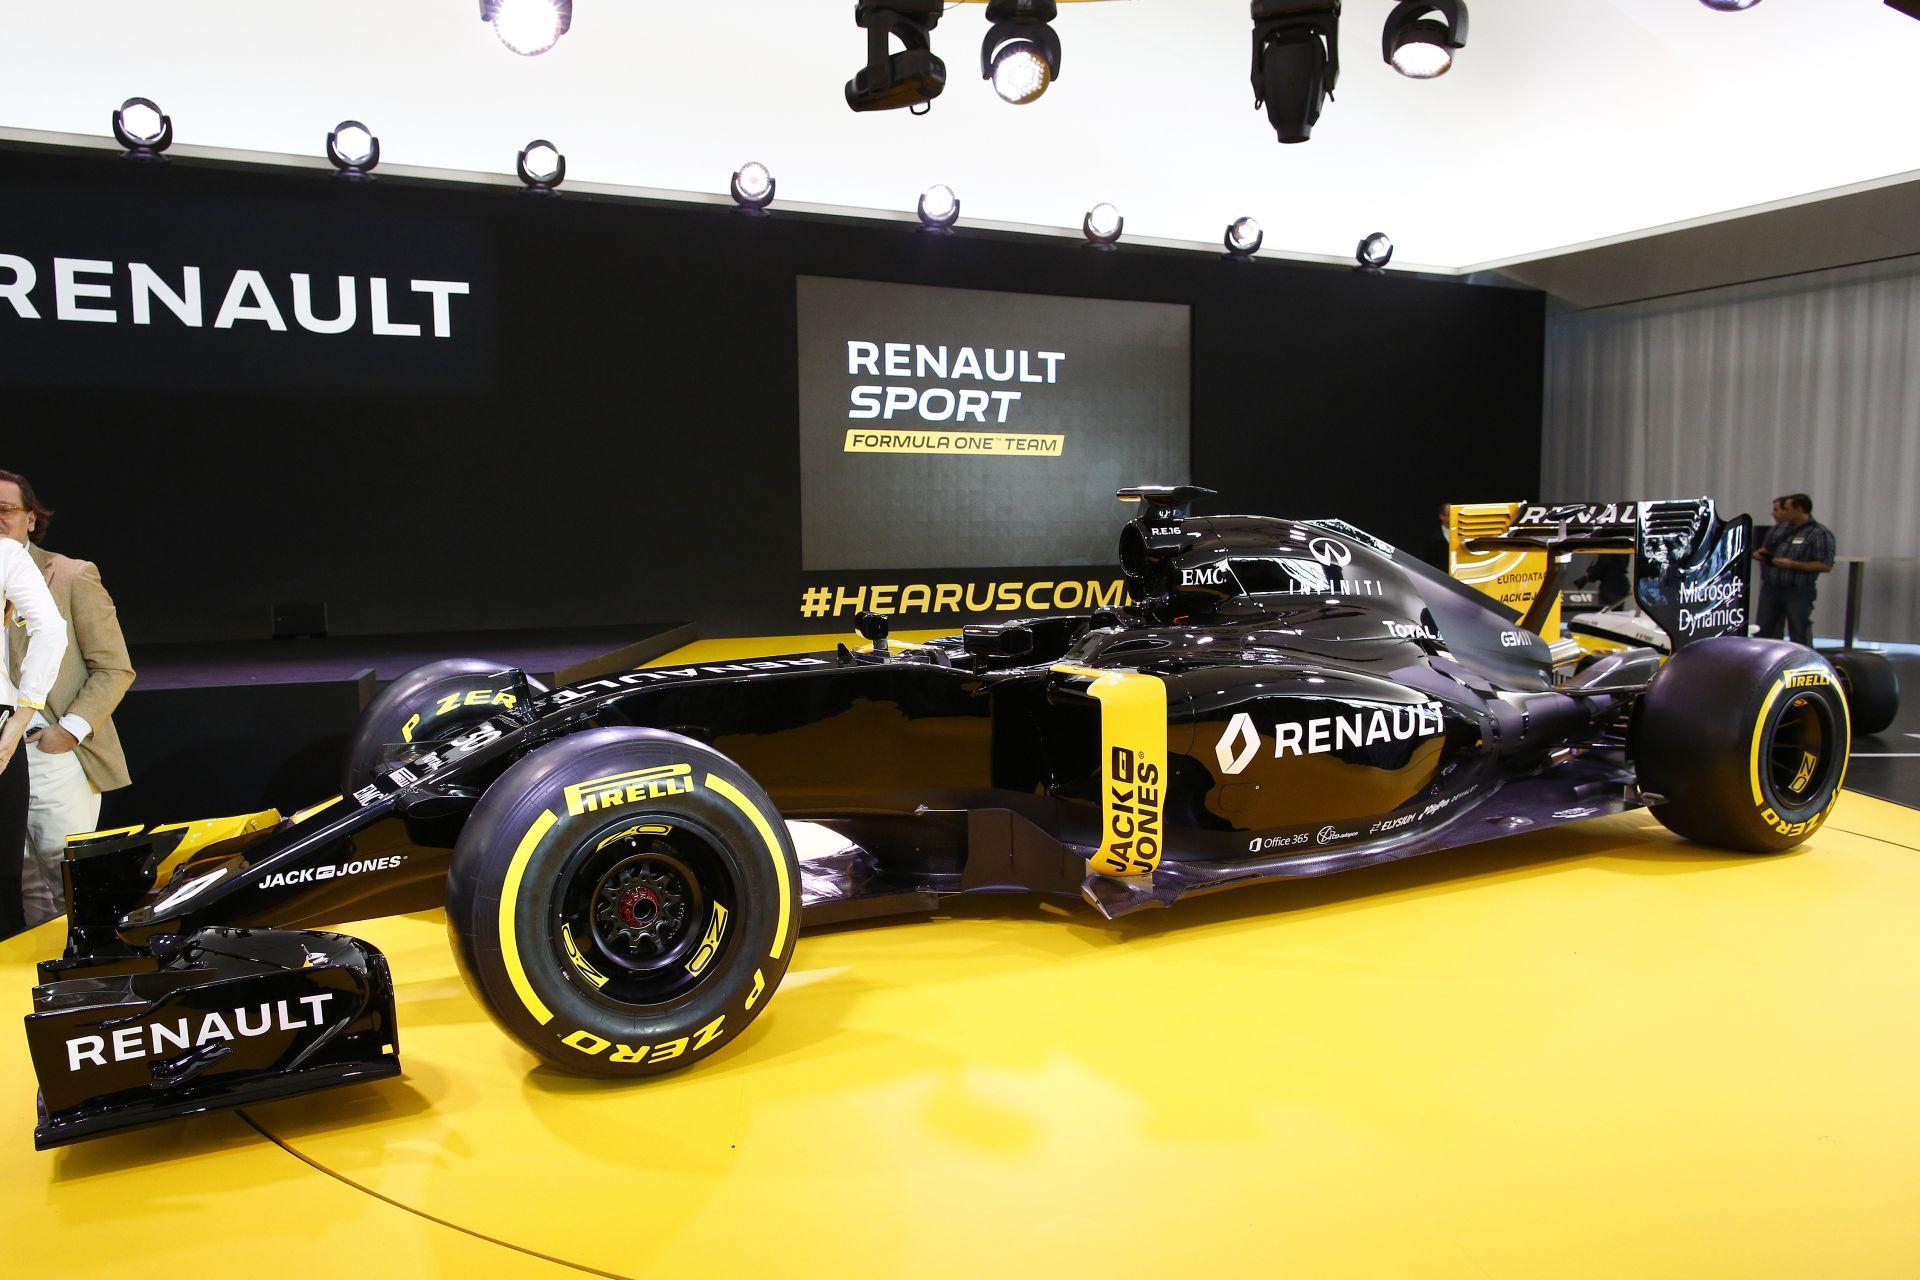 Ettől a gyári Renault Sport F1 Team festéstől padlót fogsz!